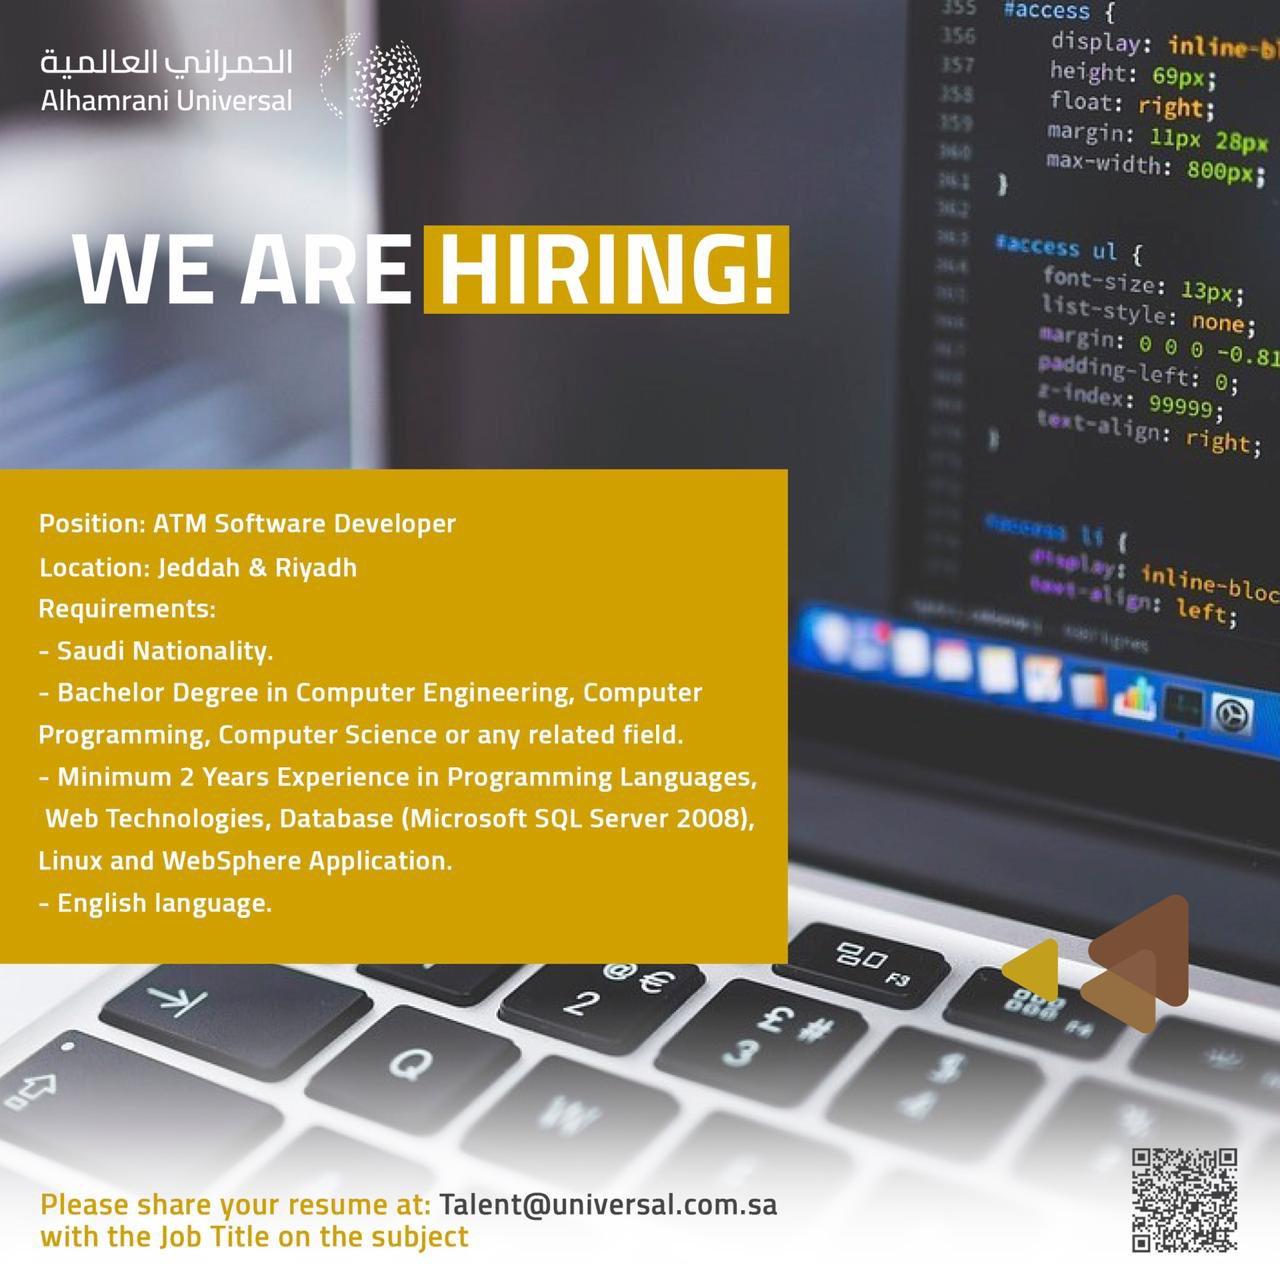 تعلن شركة #الحمرانى_العالمية عن وظائف تقنية للسعوديين فى #الرياض و #جدة   الوظيفة  Atm Software Developer   الايميل Talent@universal.com.sa  #وظائف_تقنية #وظائف #وظائف_الرياض #وظائف_جدة